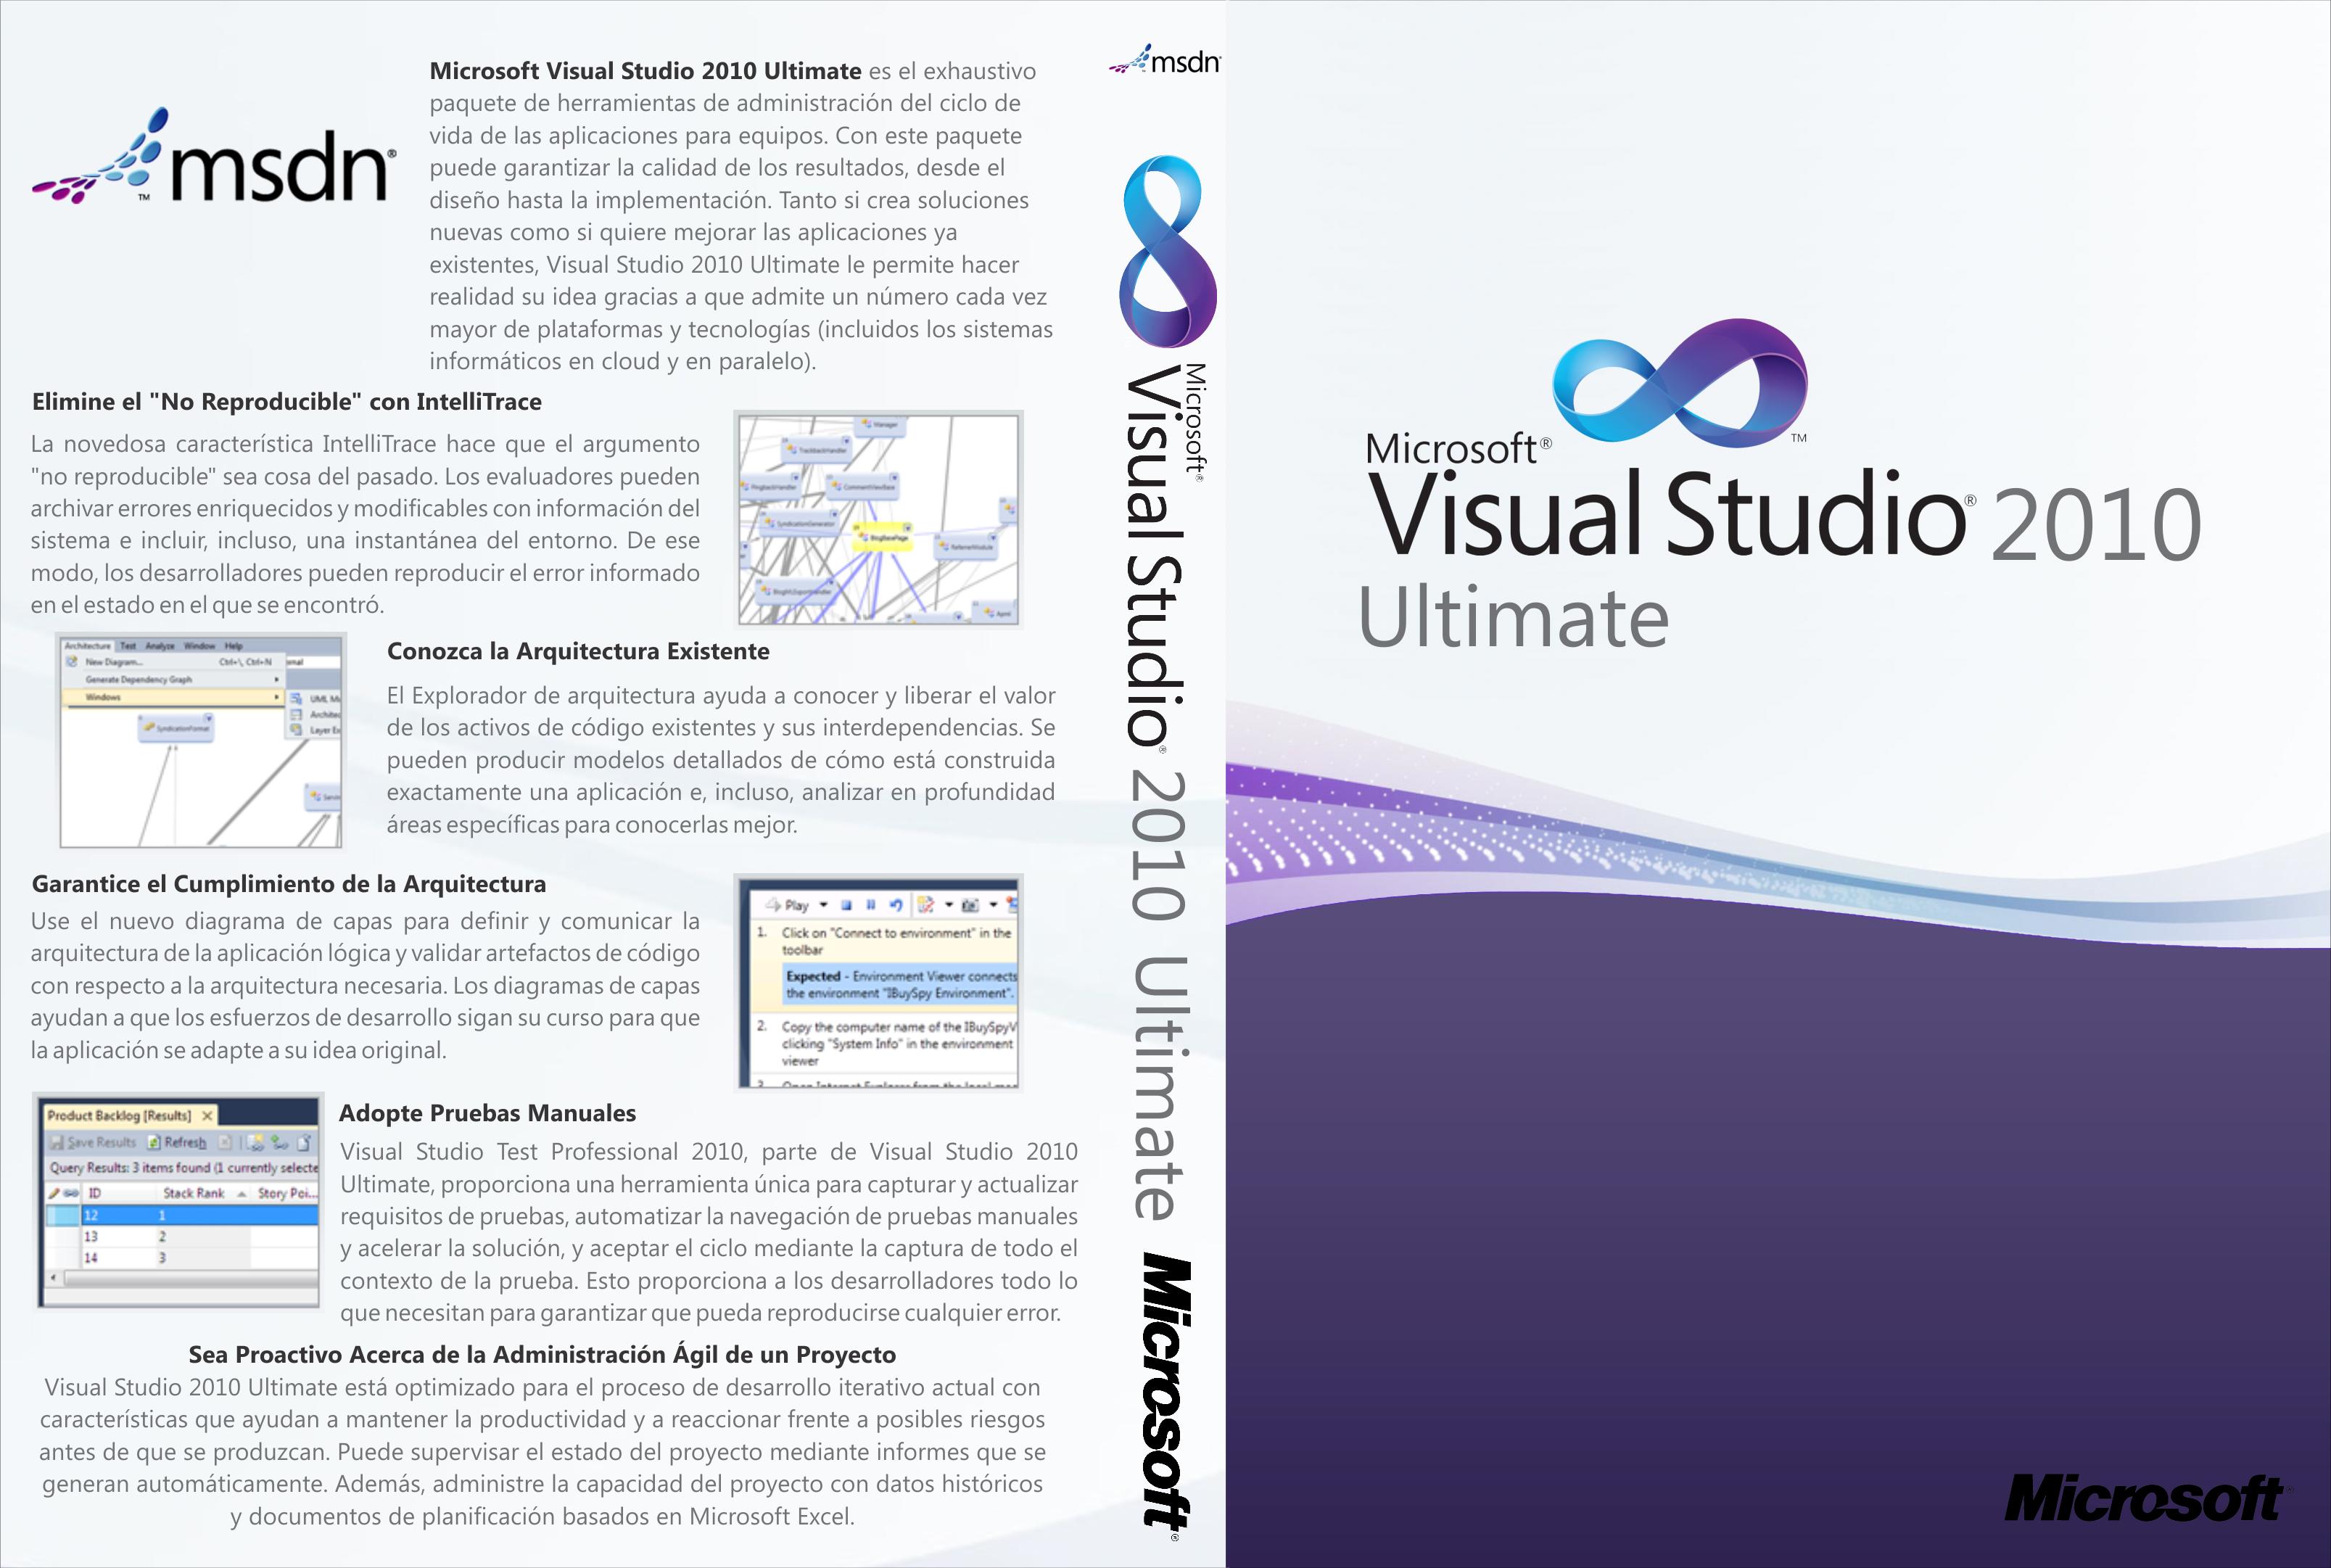 Caratula DVD de Visual Studio 2010 Ultimate